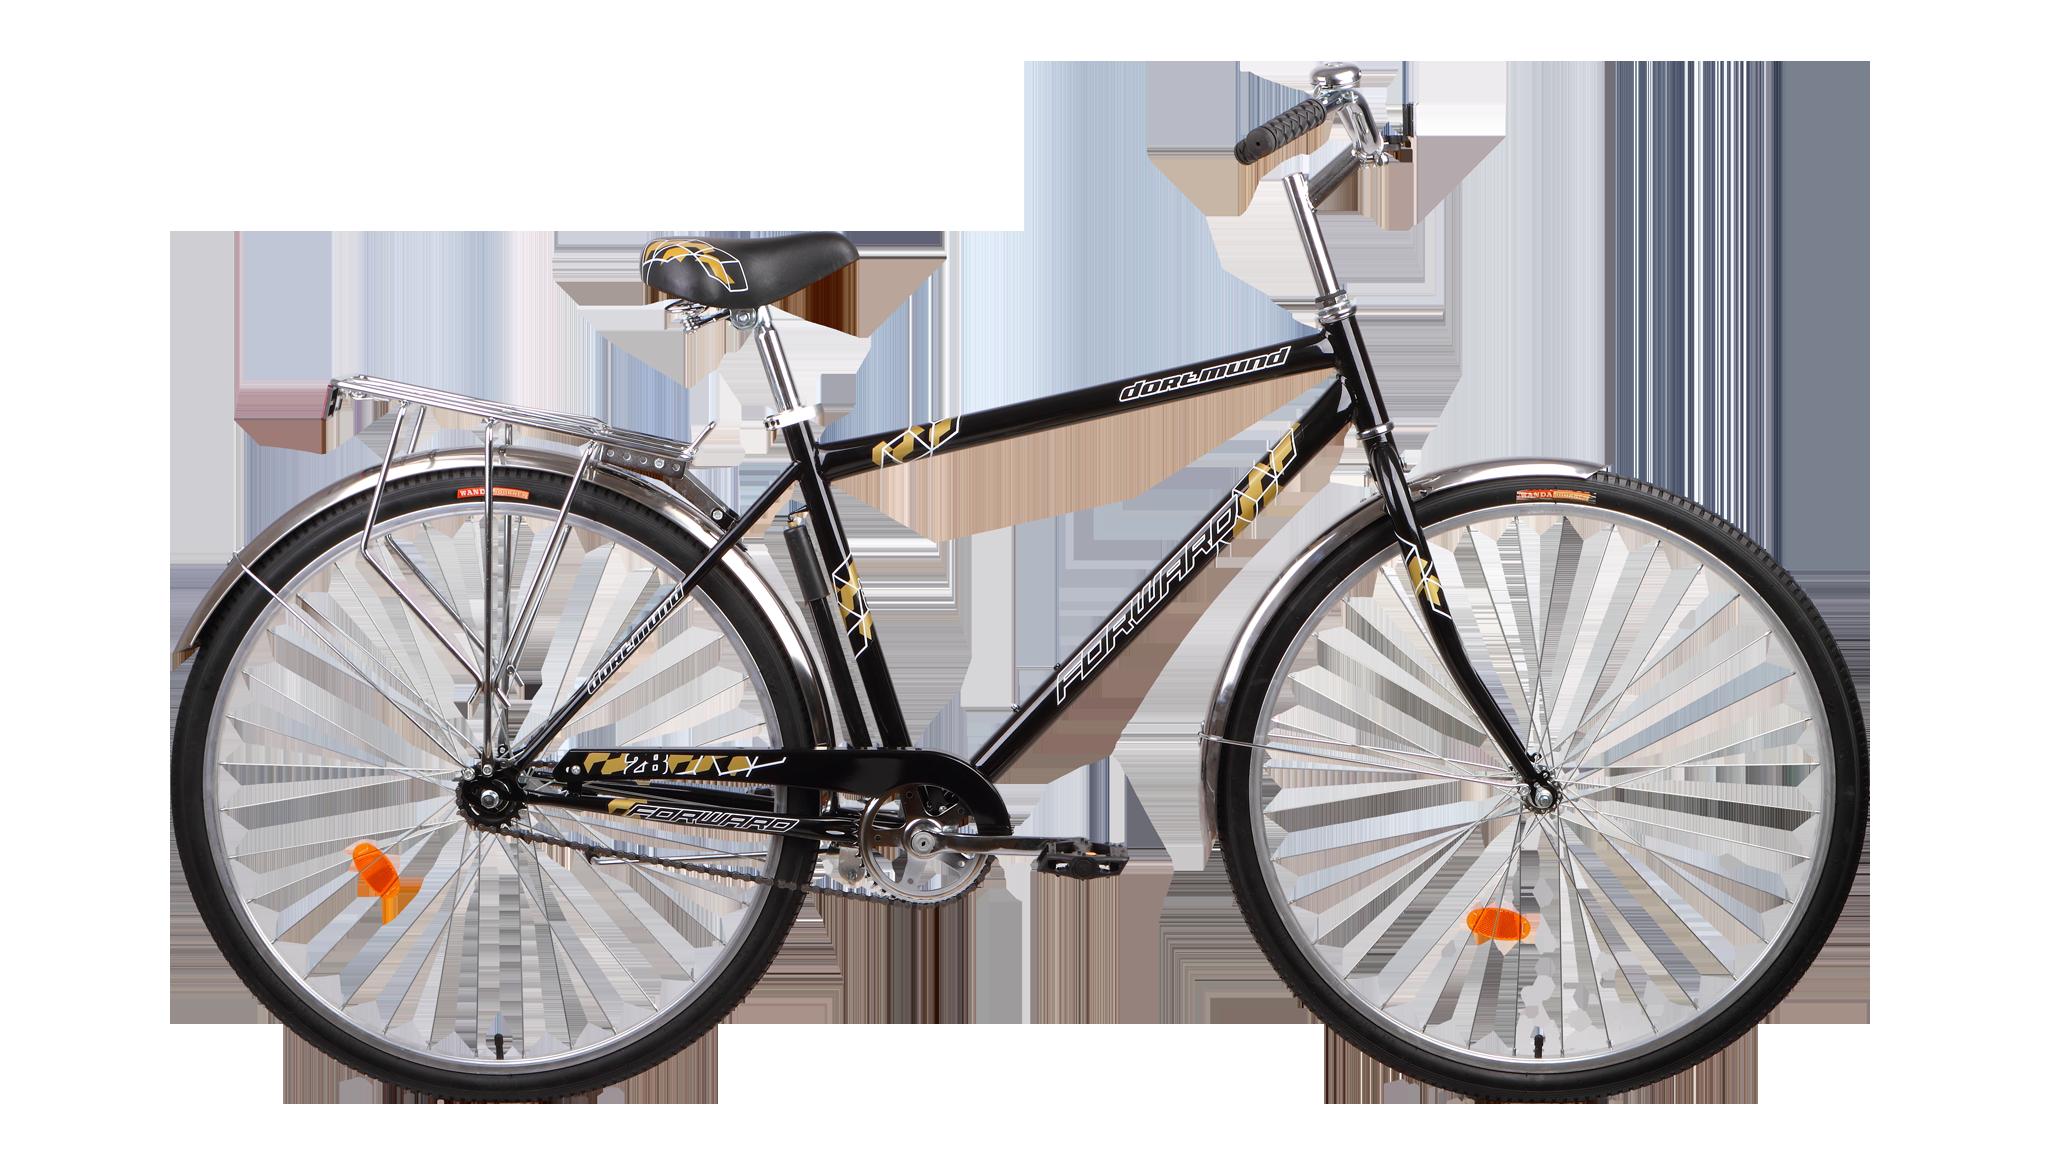 Forward Dortmund 1.0 (2015)Городские<br>Городской велосипед FORWARD DORTMUND 1.0 (2015) оборудован колёсами диаметром 28 дюймов, что даёт большой запас скорости при катании и обеспечит хорошую проходимость и комфорт. Прочные металлические крылья защитят вас от воды и грязи в плохую погоду. Установленный сзади багажник поможет перевезти небольшой груз.<br>Велосипед комплектуется небольшим насосом, с помощью которого можно подкачать колеса. Несмотря на отсутствие подвески, велосипед будет достаточно комфортен при катании по лесным тропинкам и паркам.<br>